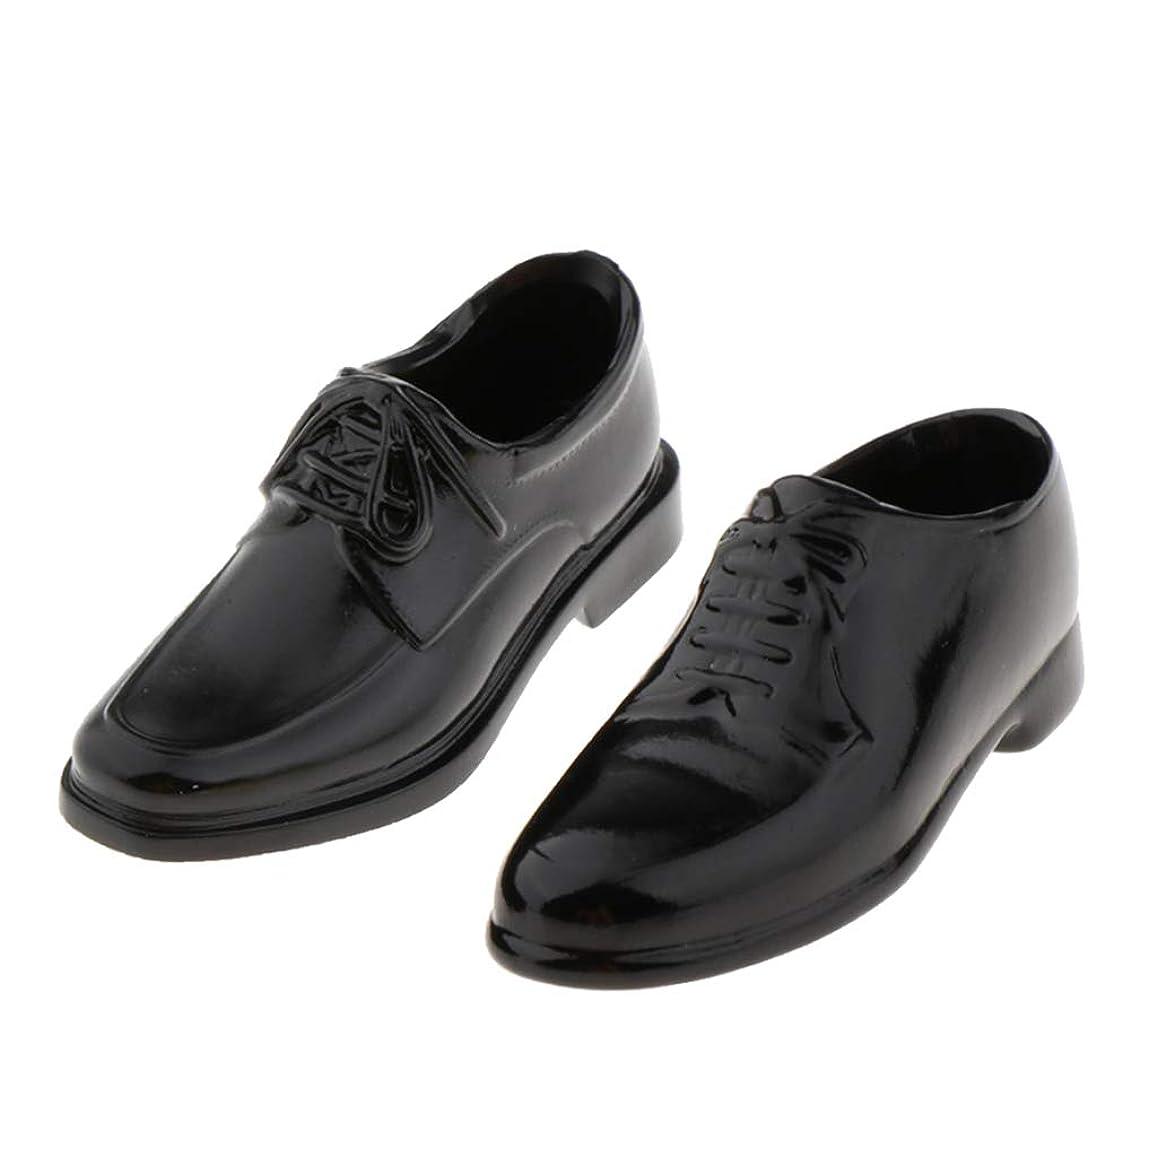 不利益類推#N/A 1/6 人形シューズ BJDシューズ マーティンシューズ レザーシューズ 男性靴 人形アクセサリー 2ペア